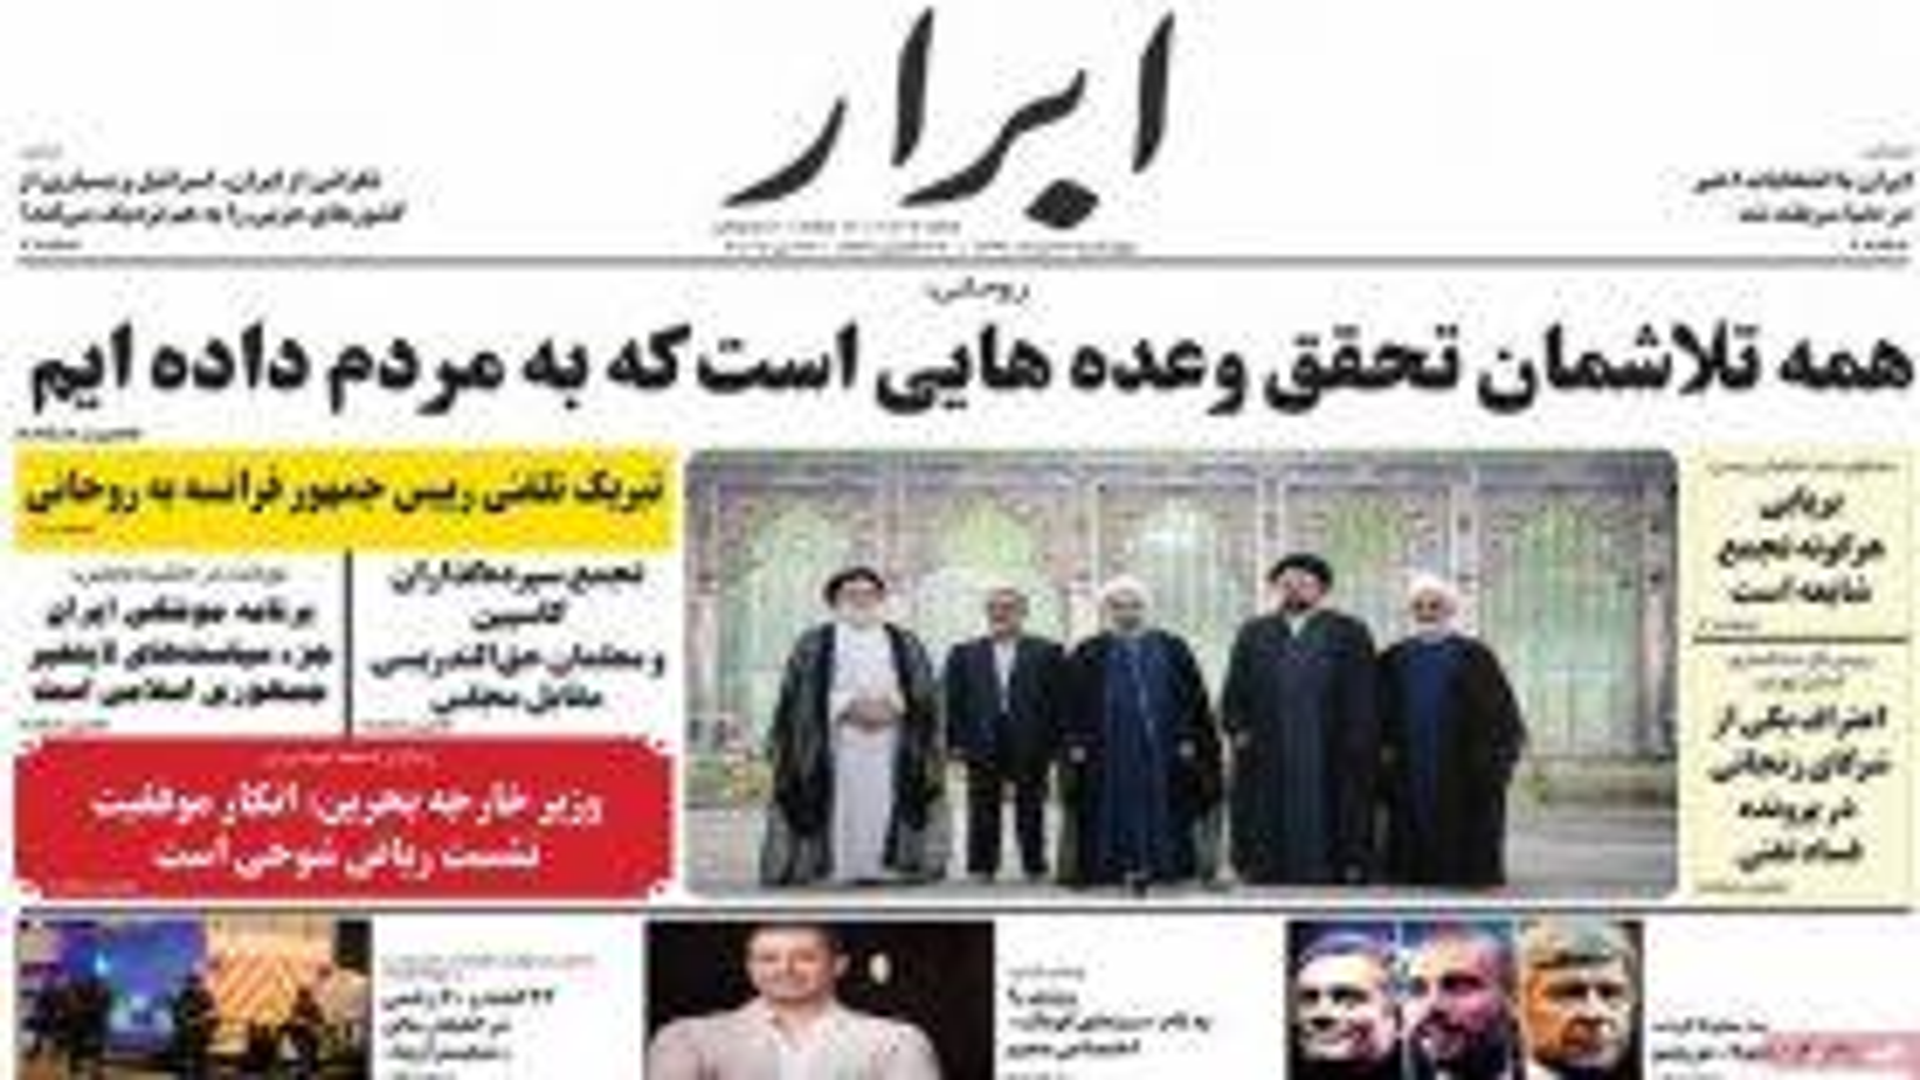 عناوین روزنامه های صبح چهارشنبه ۳ خرداد | فیلم